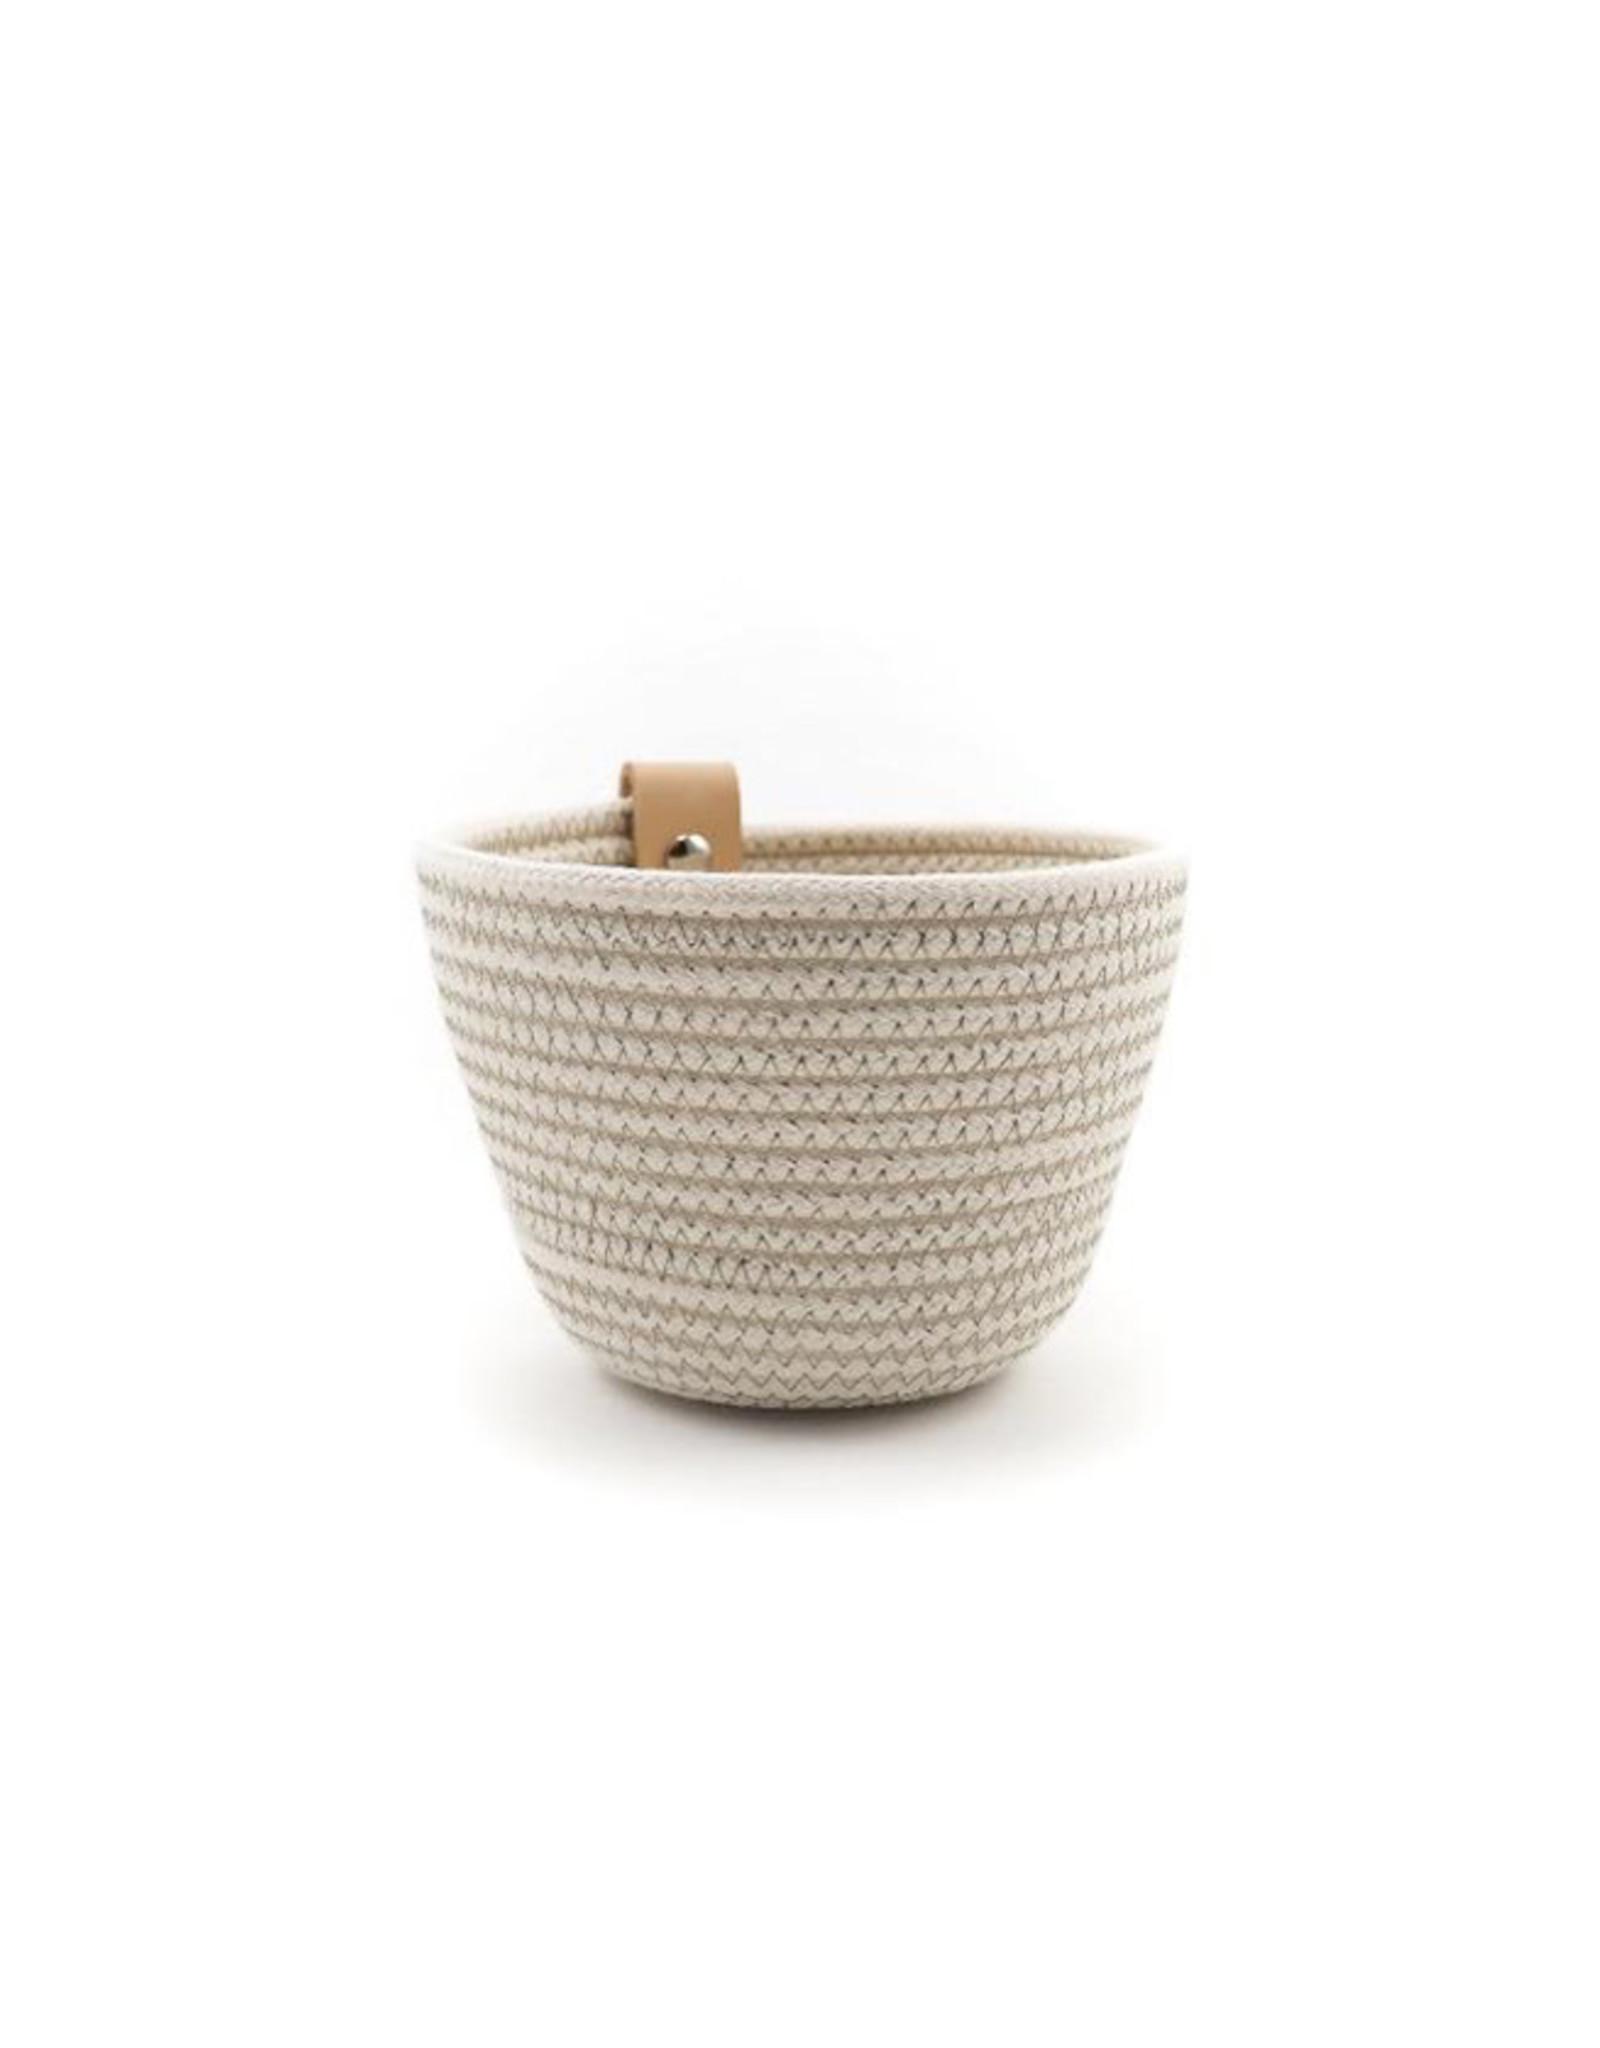 Koba Handmade Mini Bowl High-boho 10x8cm